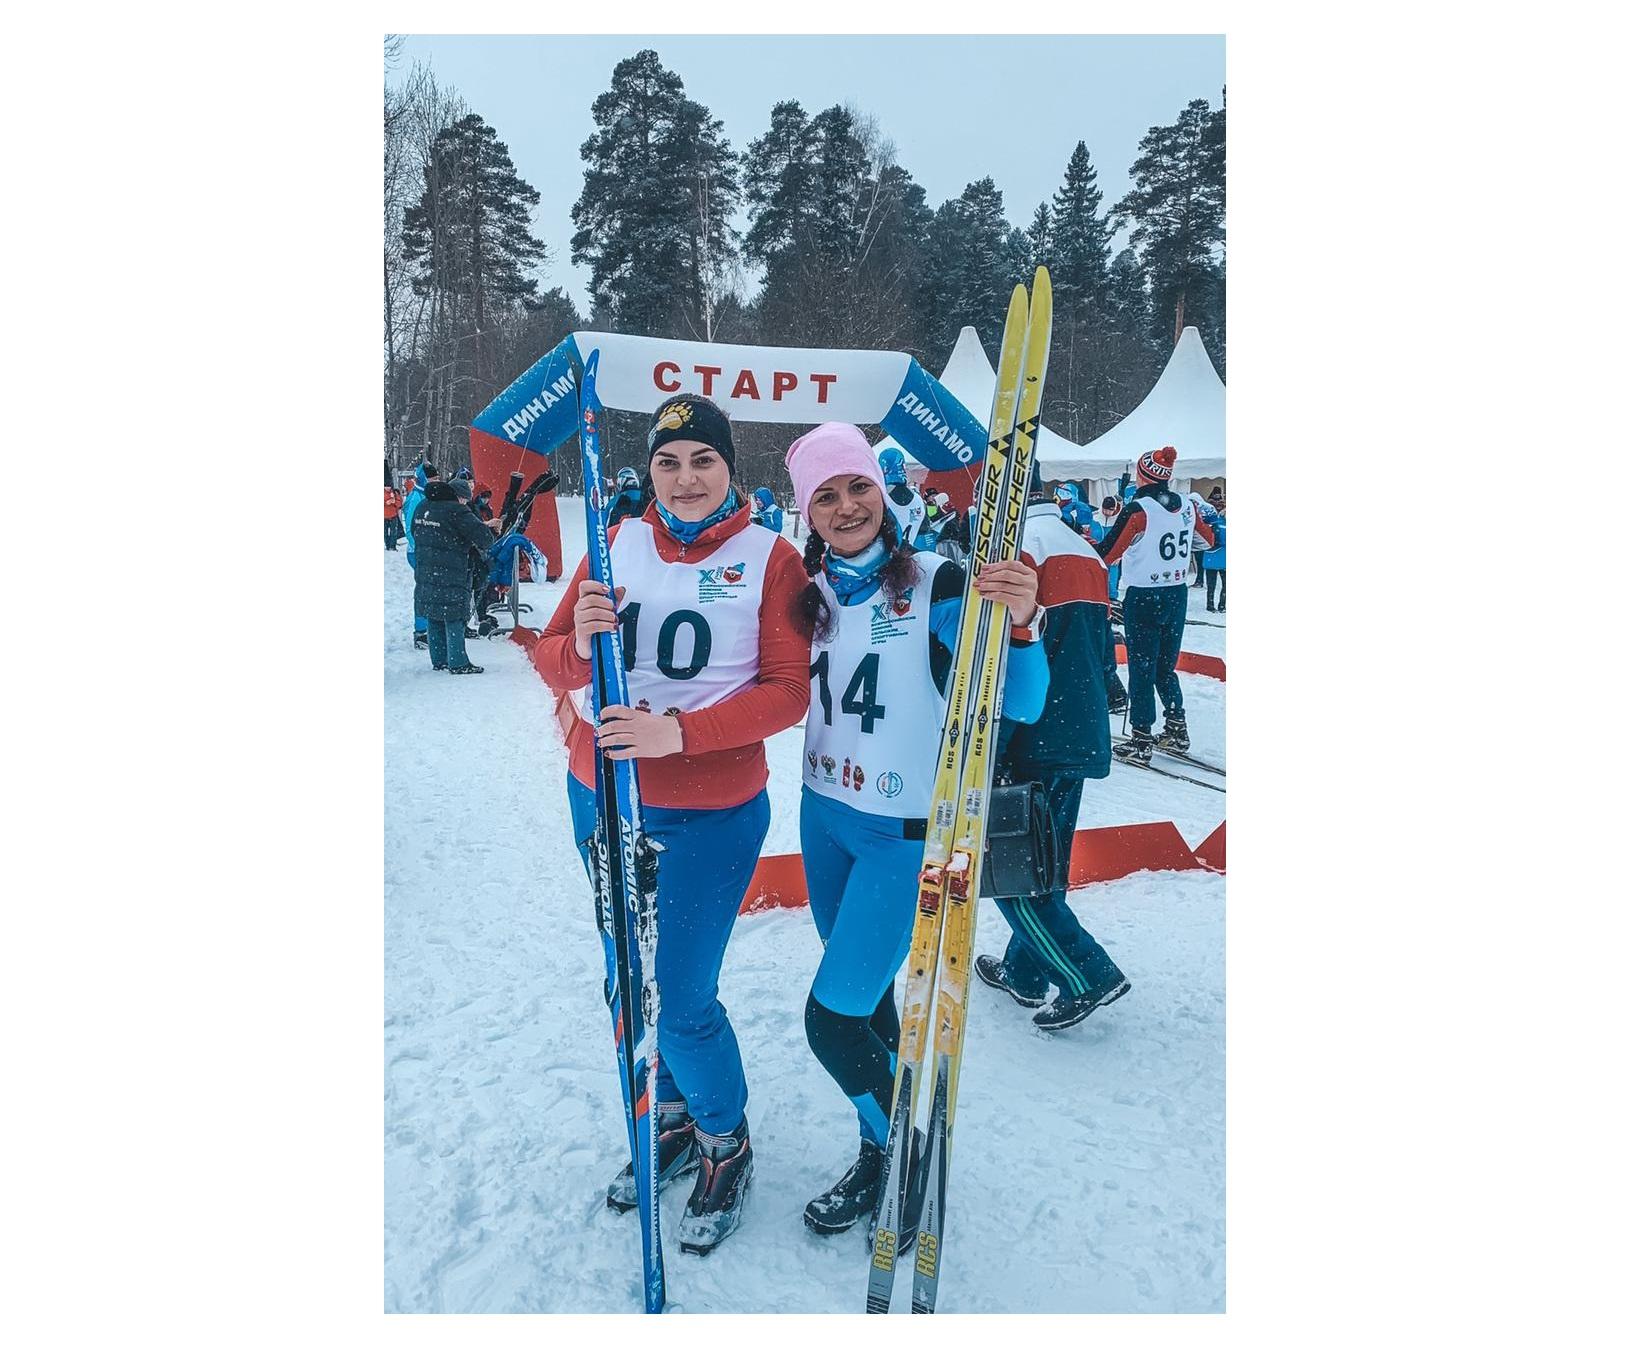 Ярославская команда принимает участие в Х Всероссийских зимних сельских спортивных играх